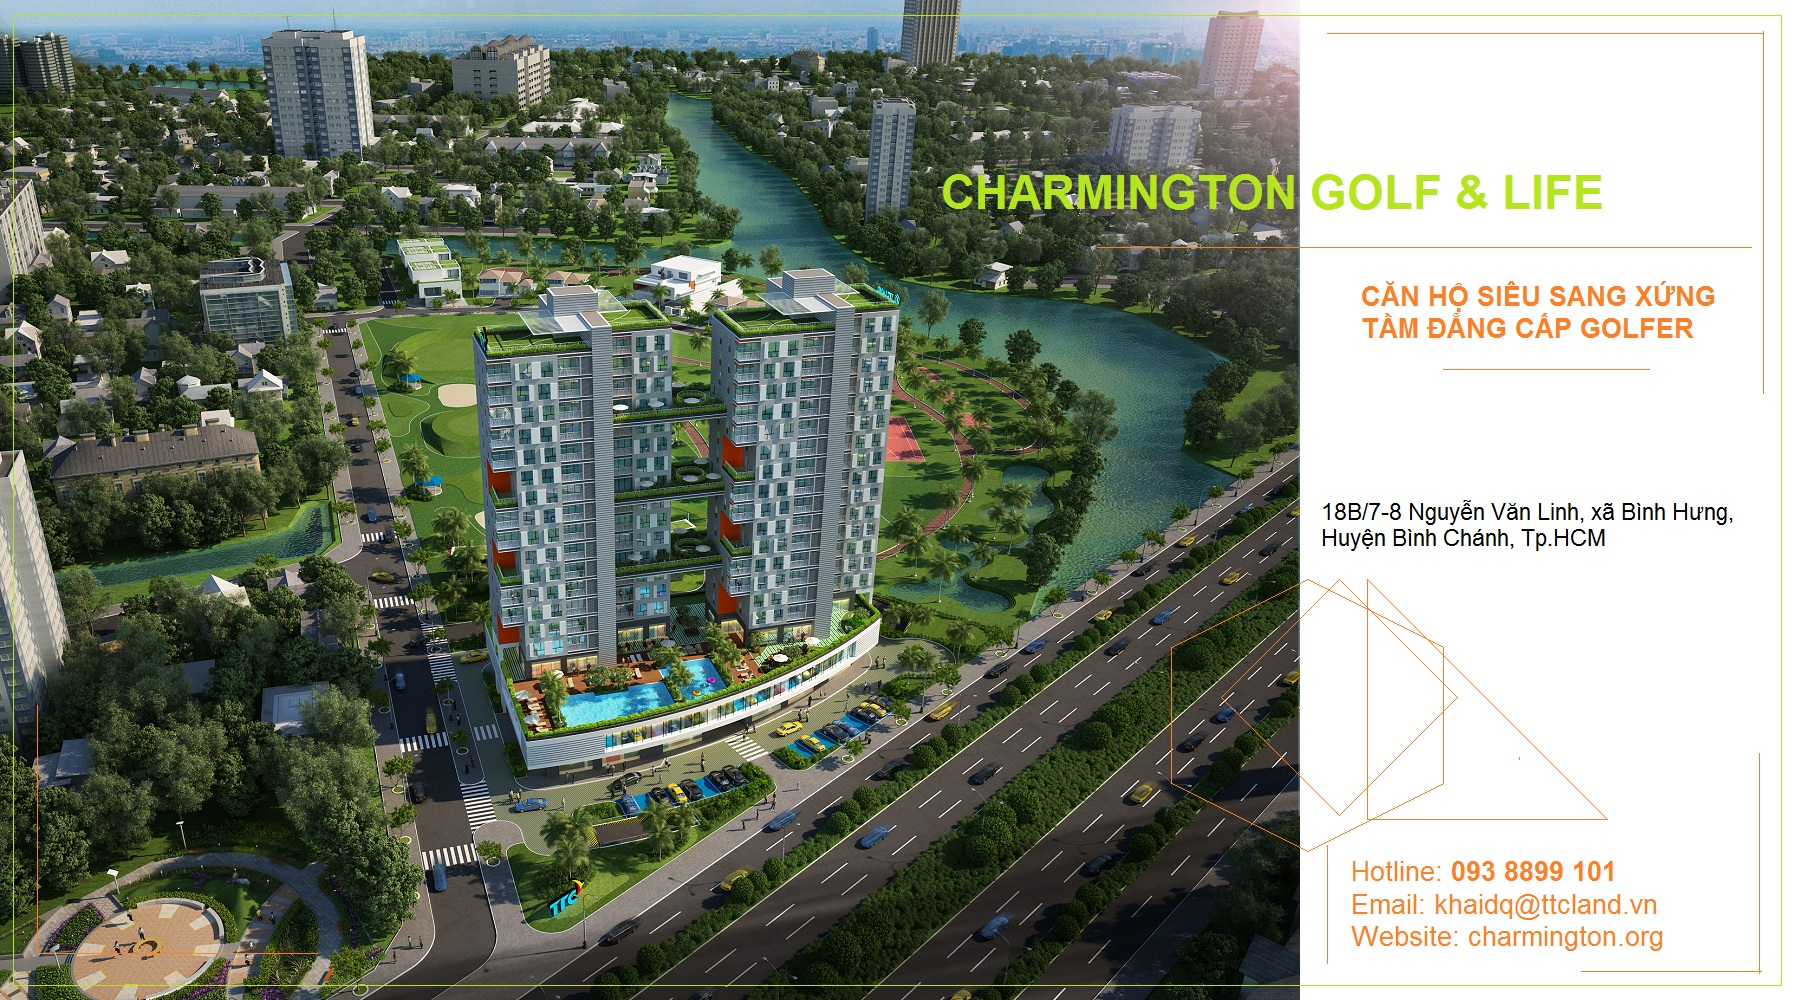 http://charmington.org/public/upload/phoi-canh-charmington-golf-life-1552494275.jpg